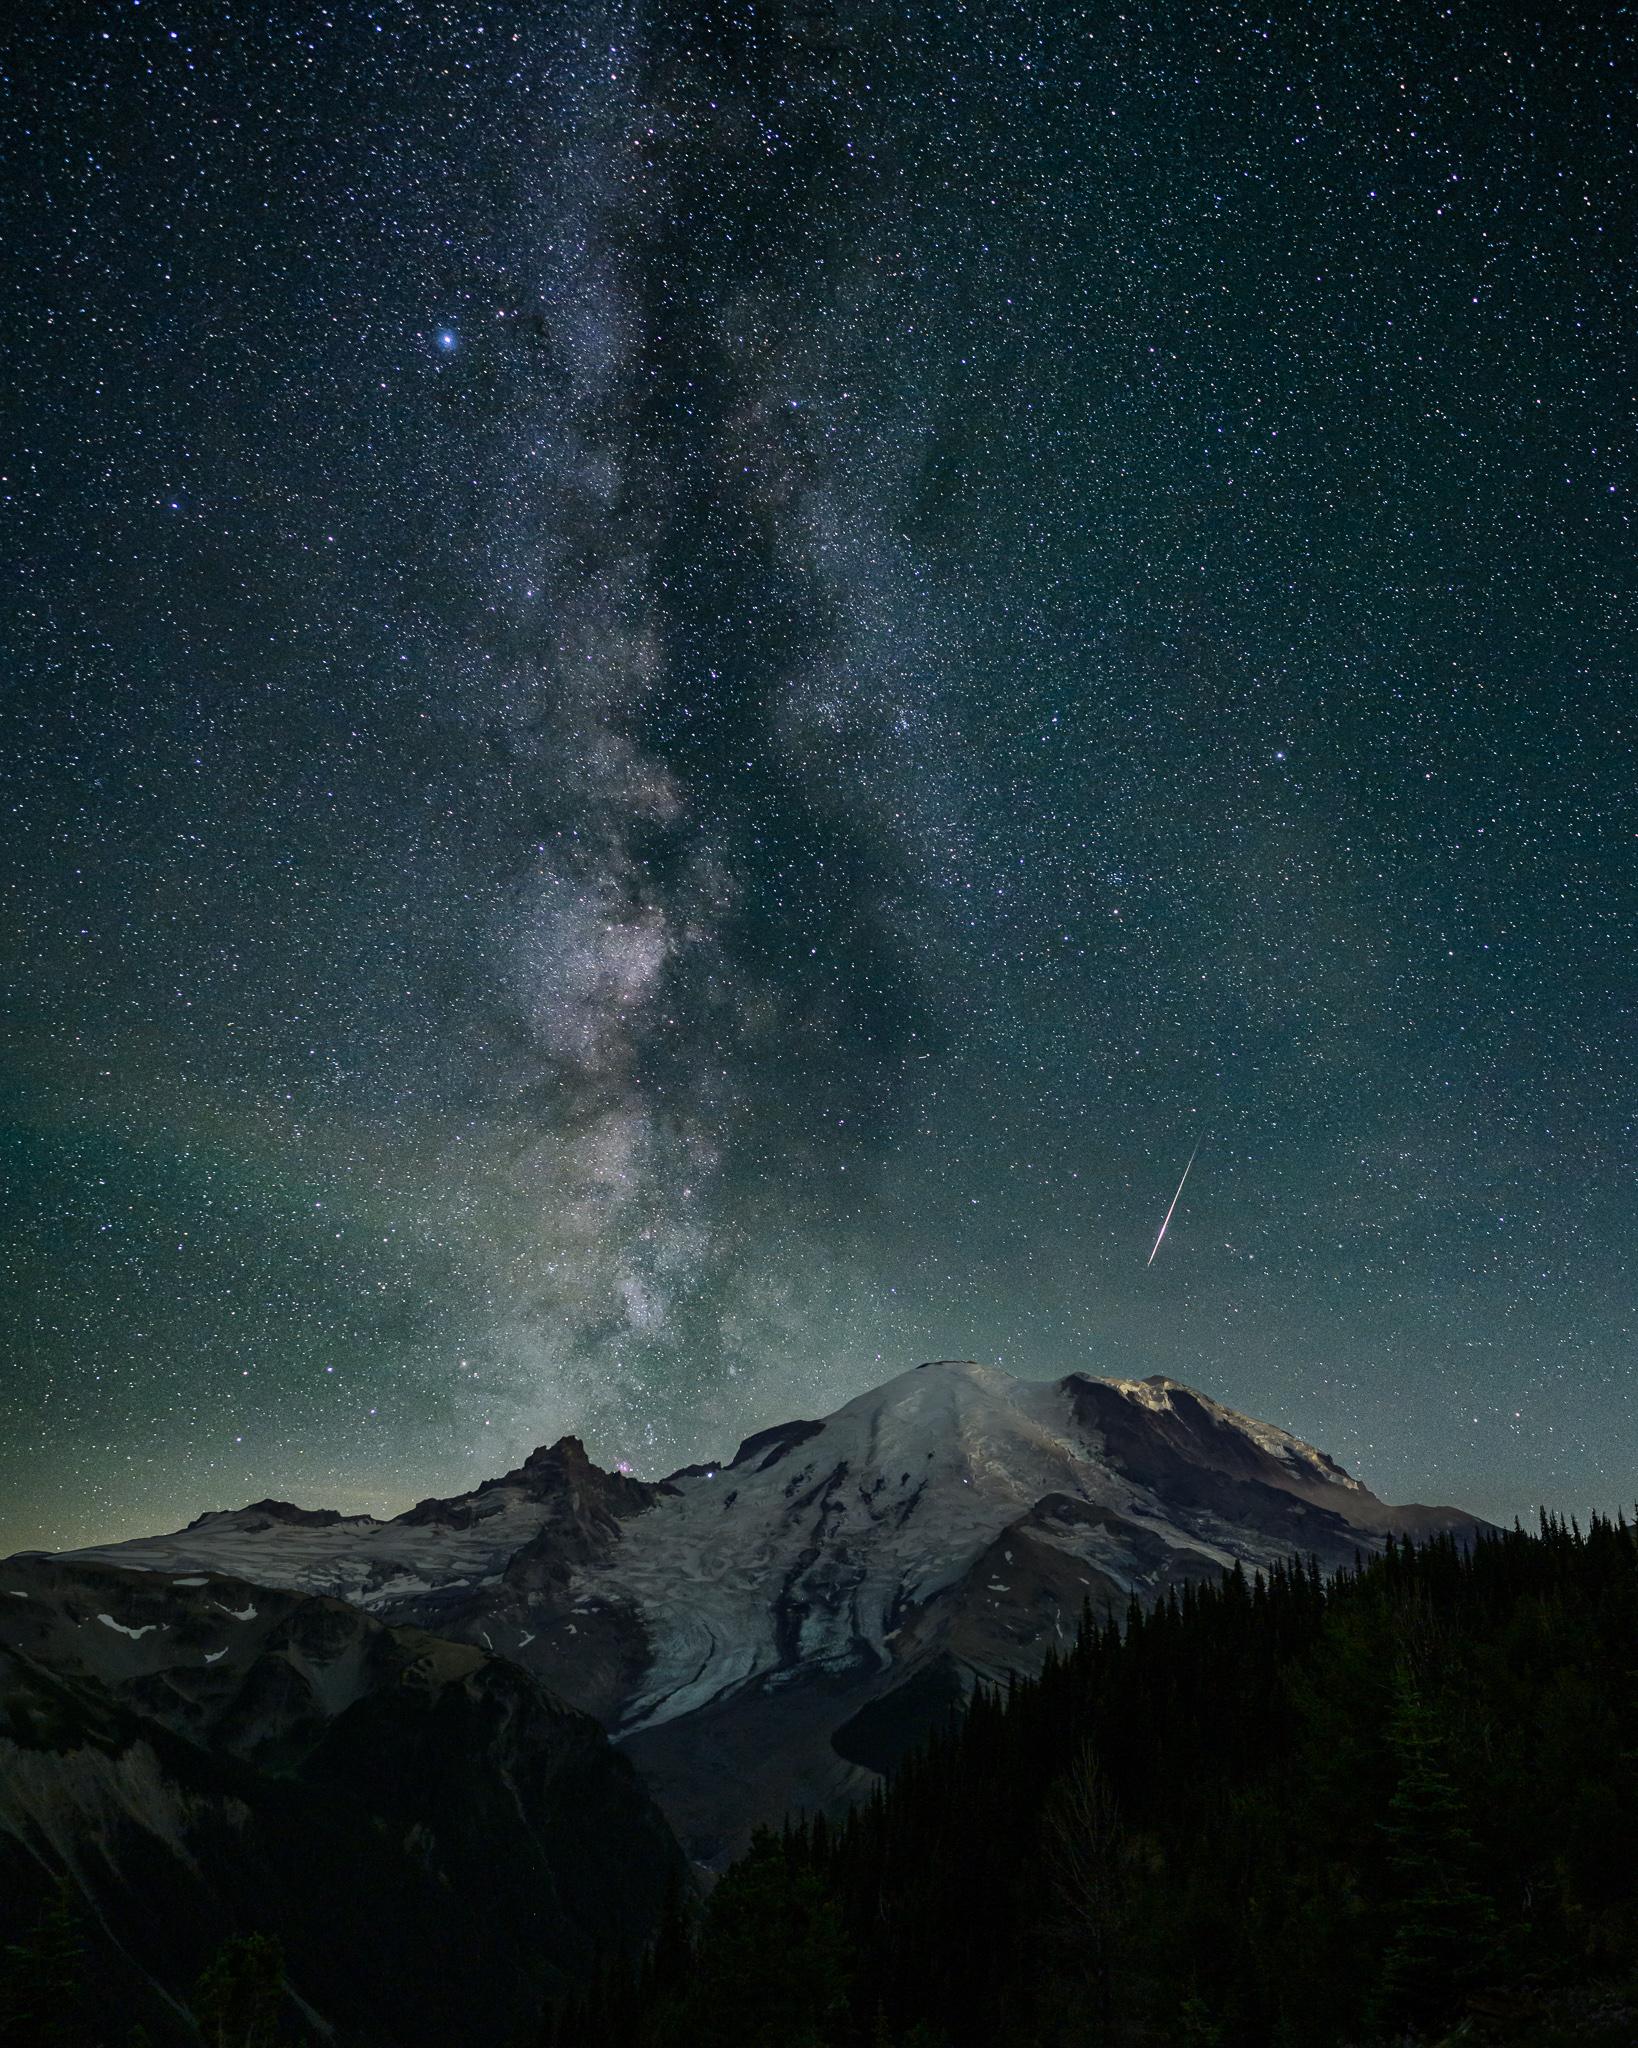 Milky Way and Perseids meteor over Mt. Rainier